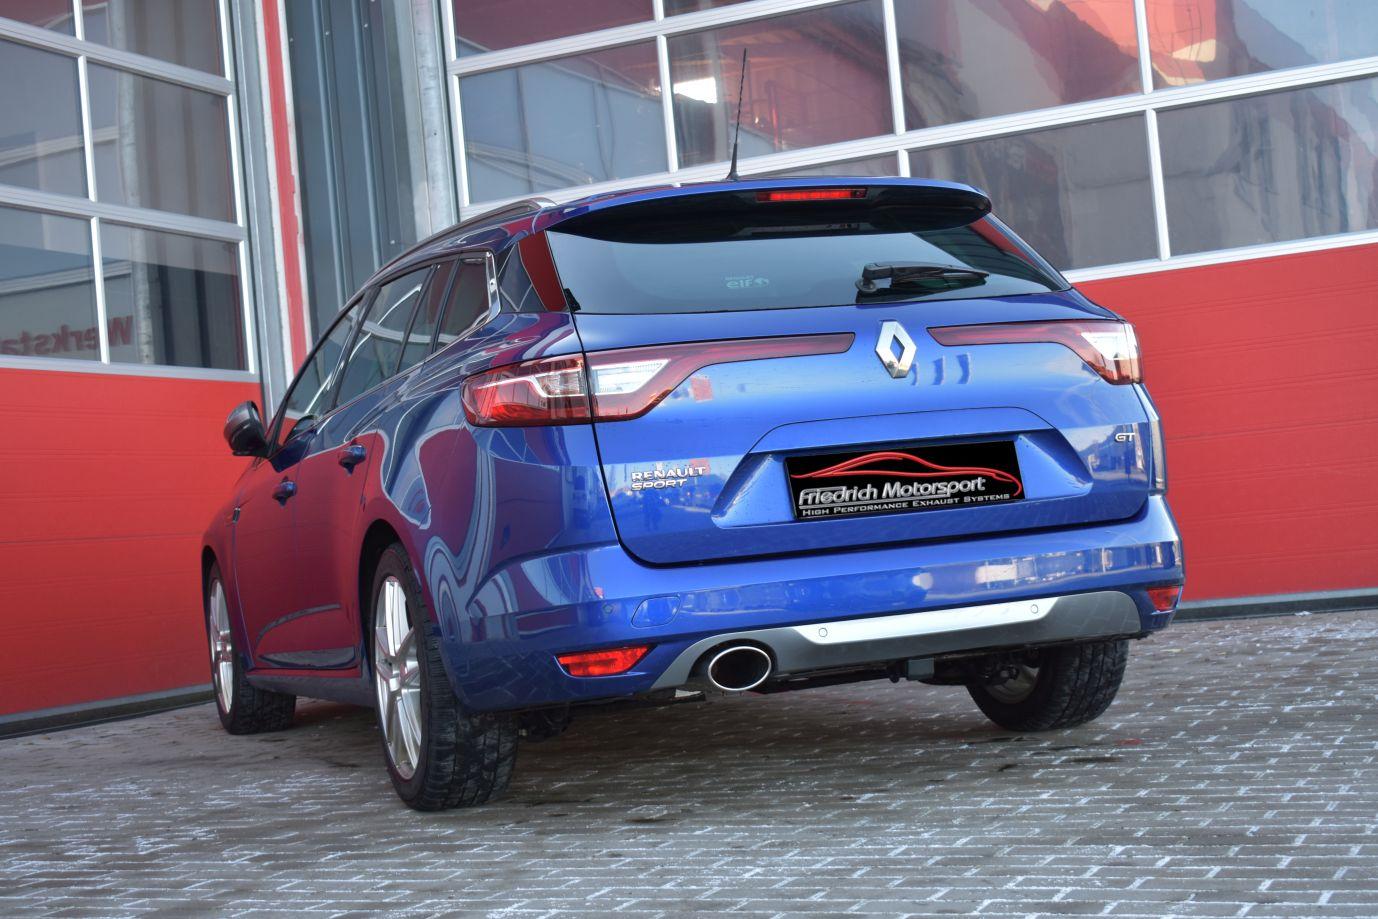 Friedrich Motorsport 76mm Sportauspuff Auspuff Anlage Renault Megane 4 Grandtour Kaufen Bei Aze Tuning Gmbh Co Kg